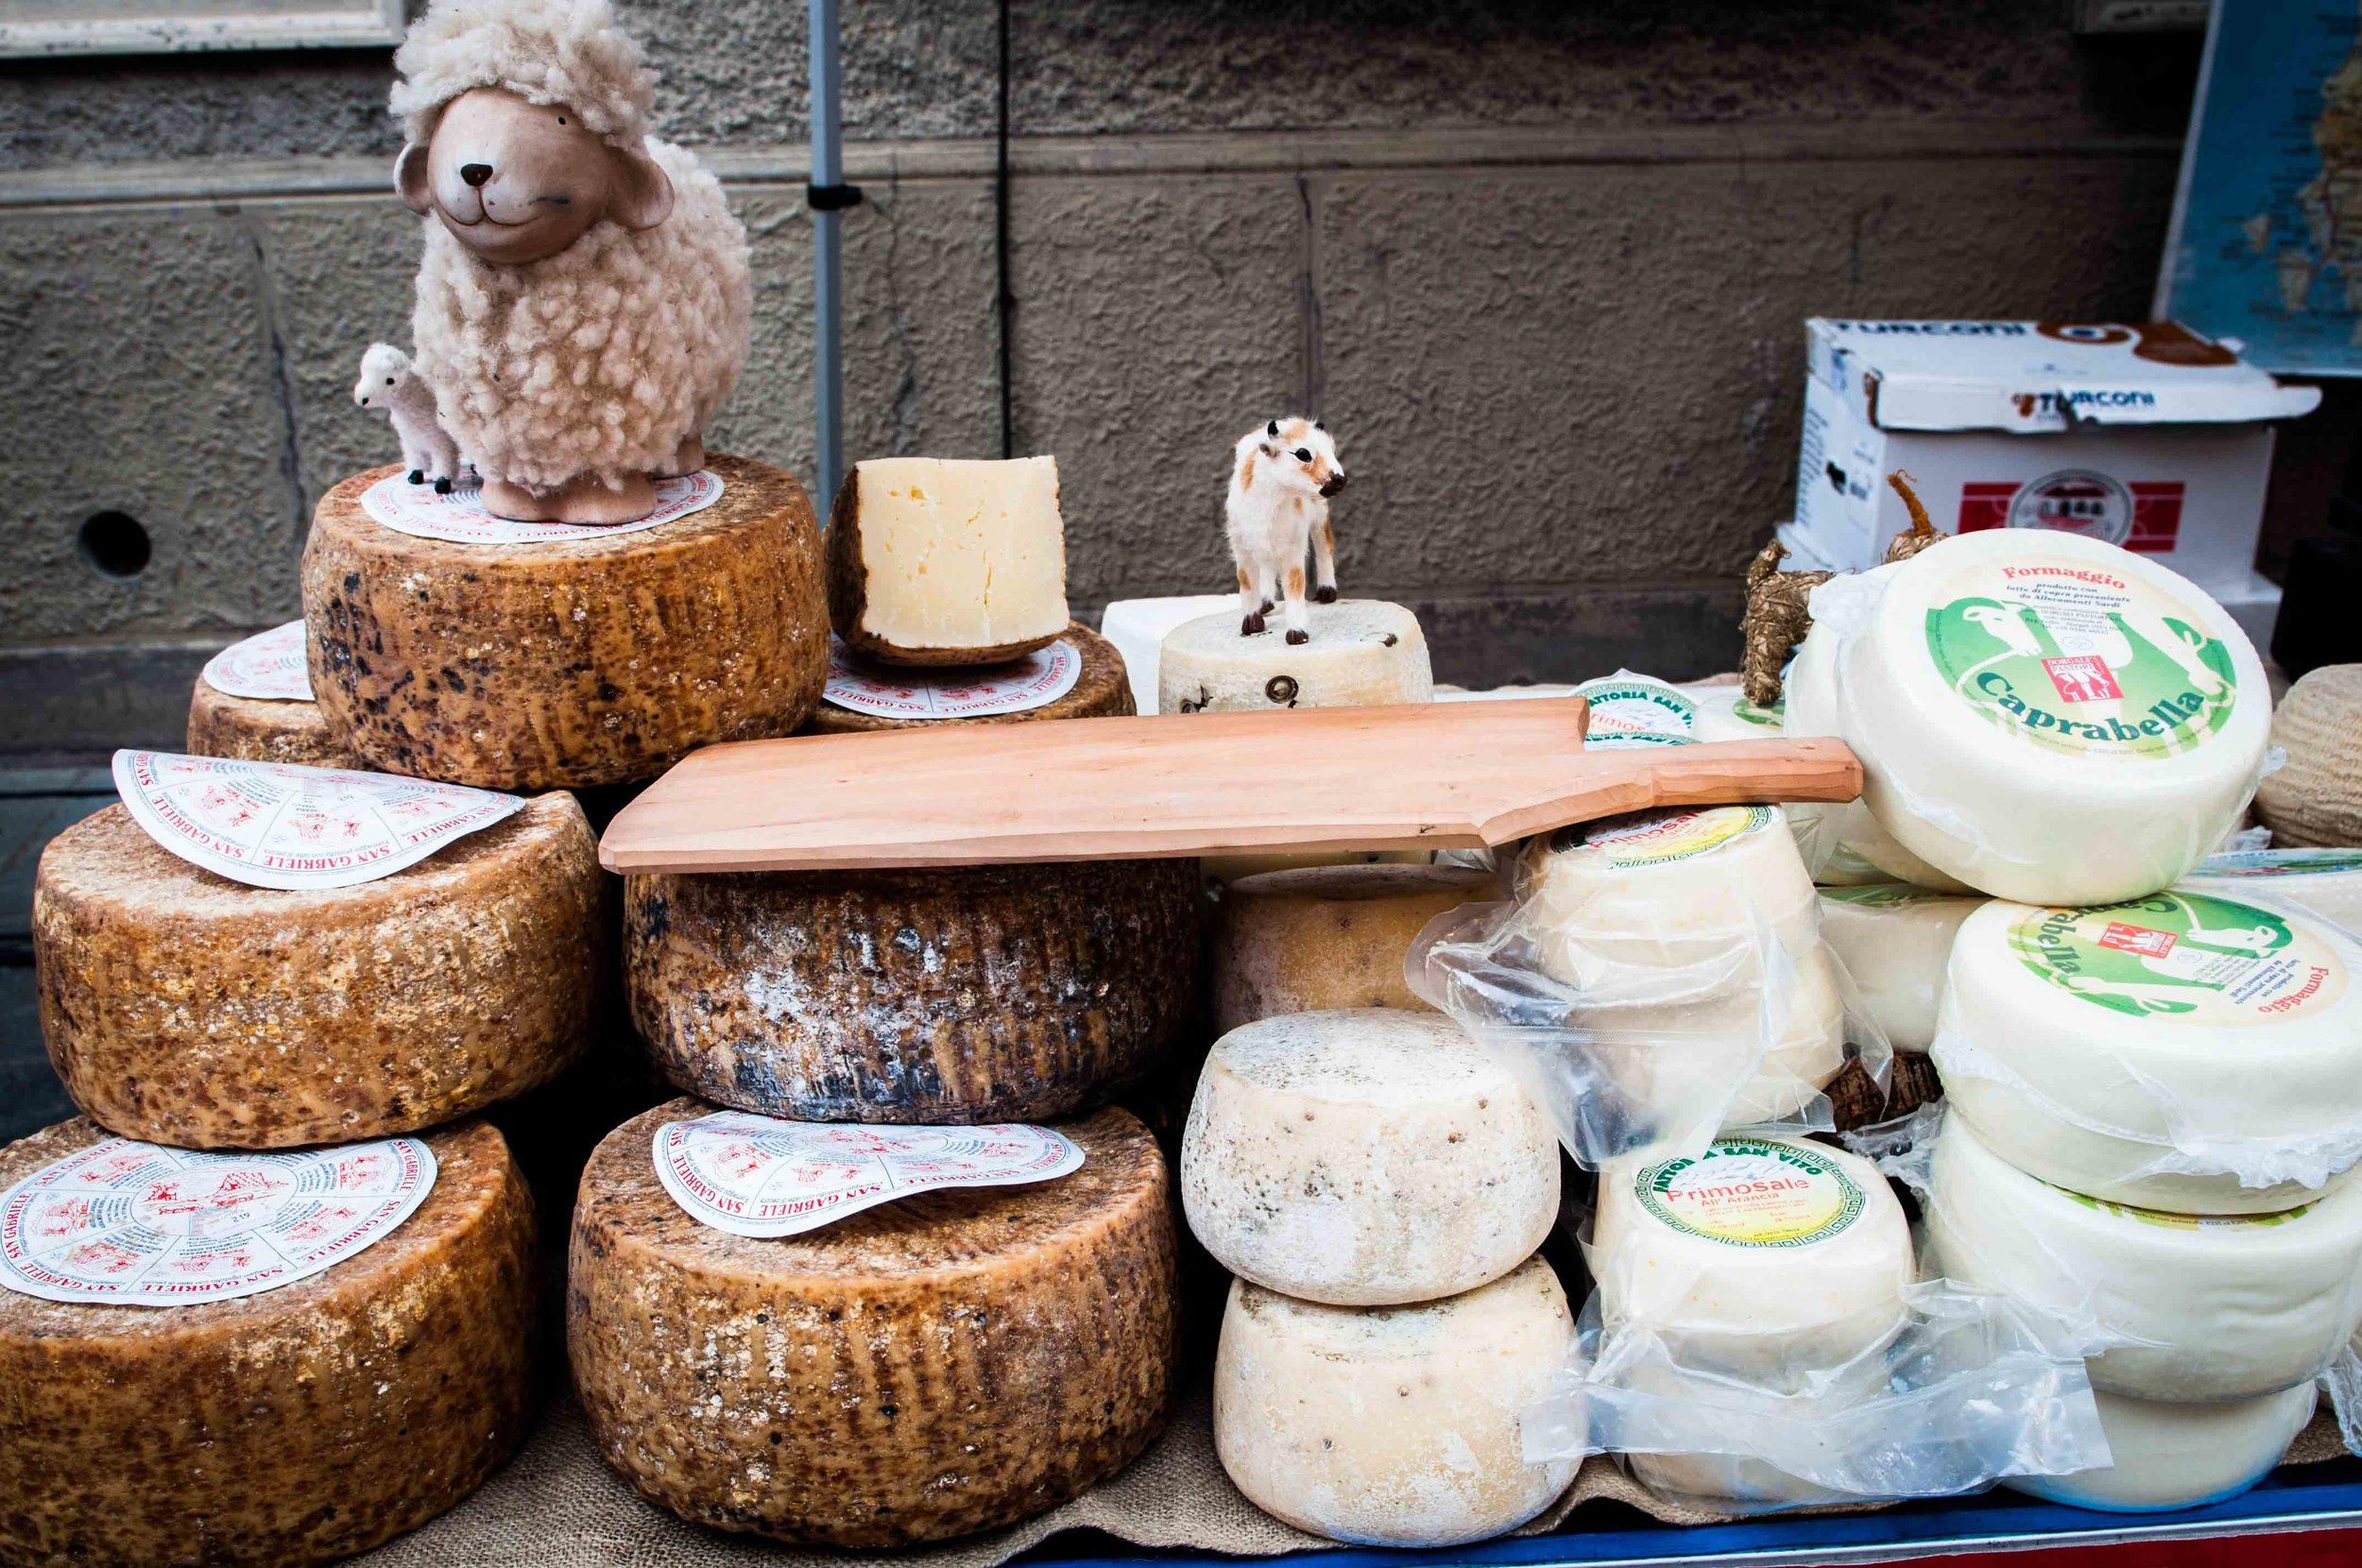 Sardinian Cheeses - Pecorino from sheep and truffled goat cheeses.